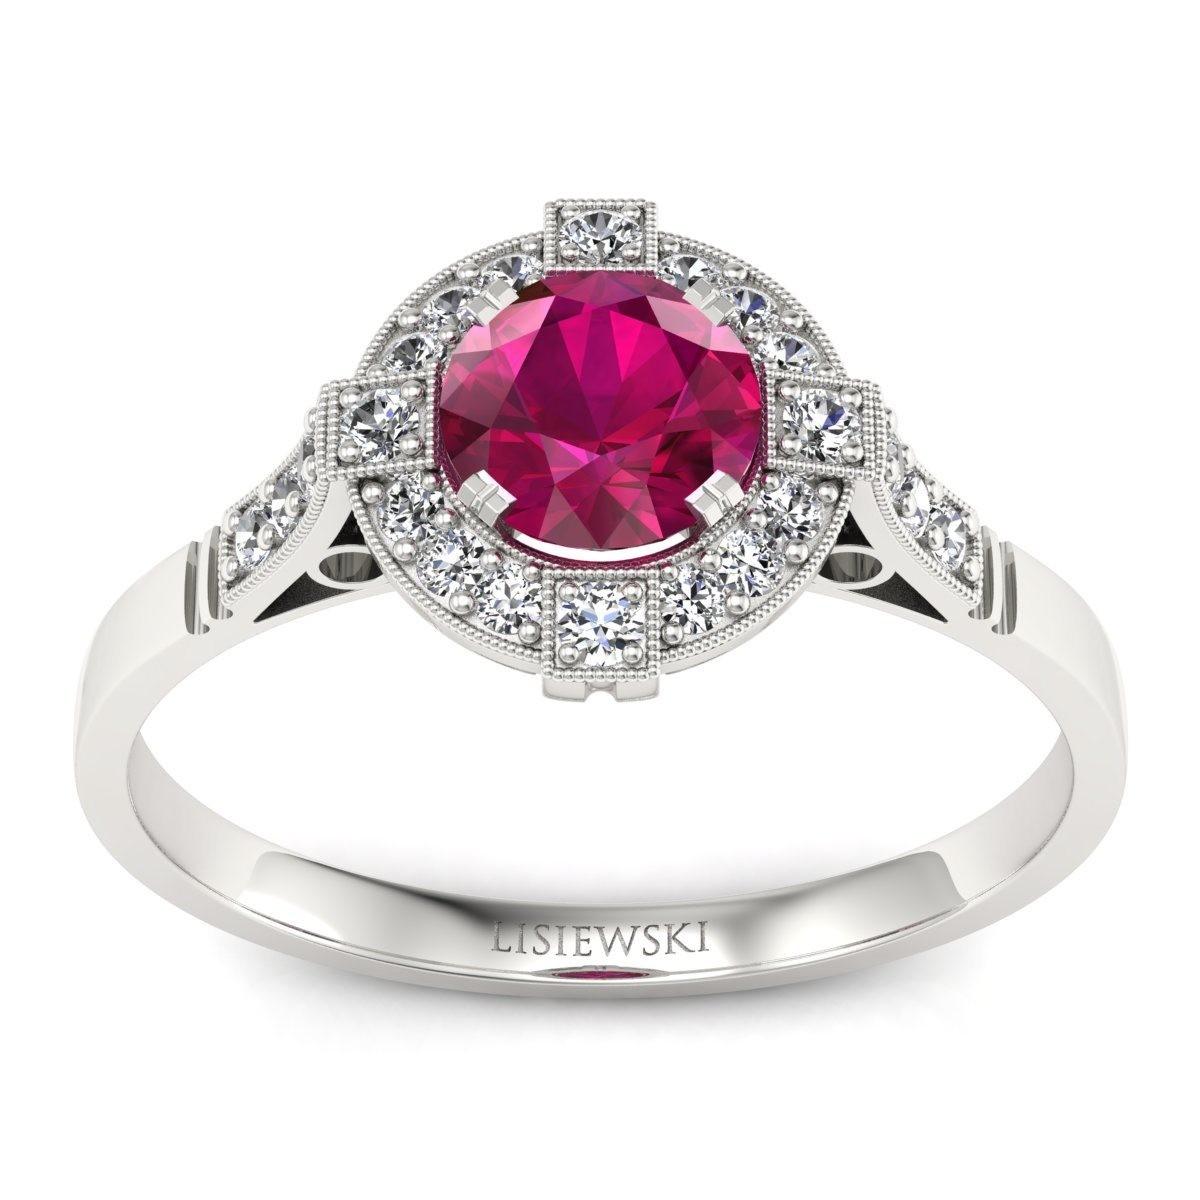 Audrey - Pierścionek z rubinem i diamentami